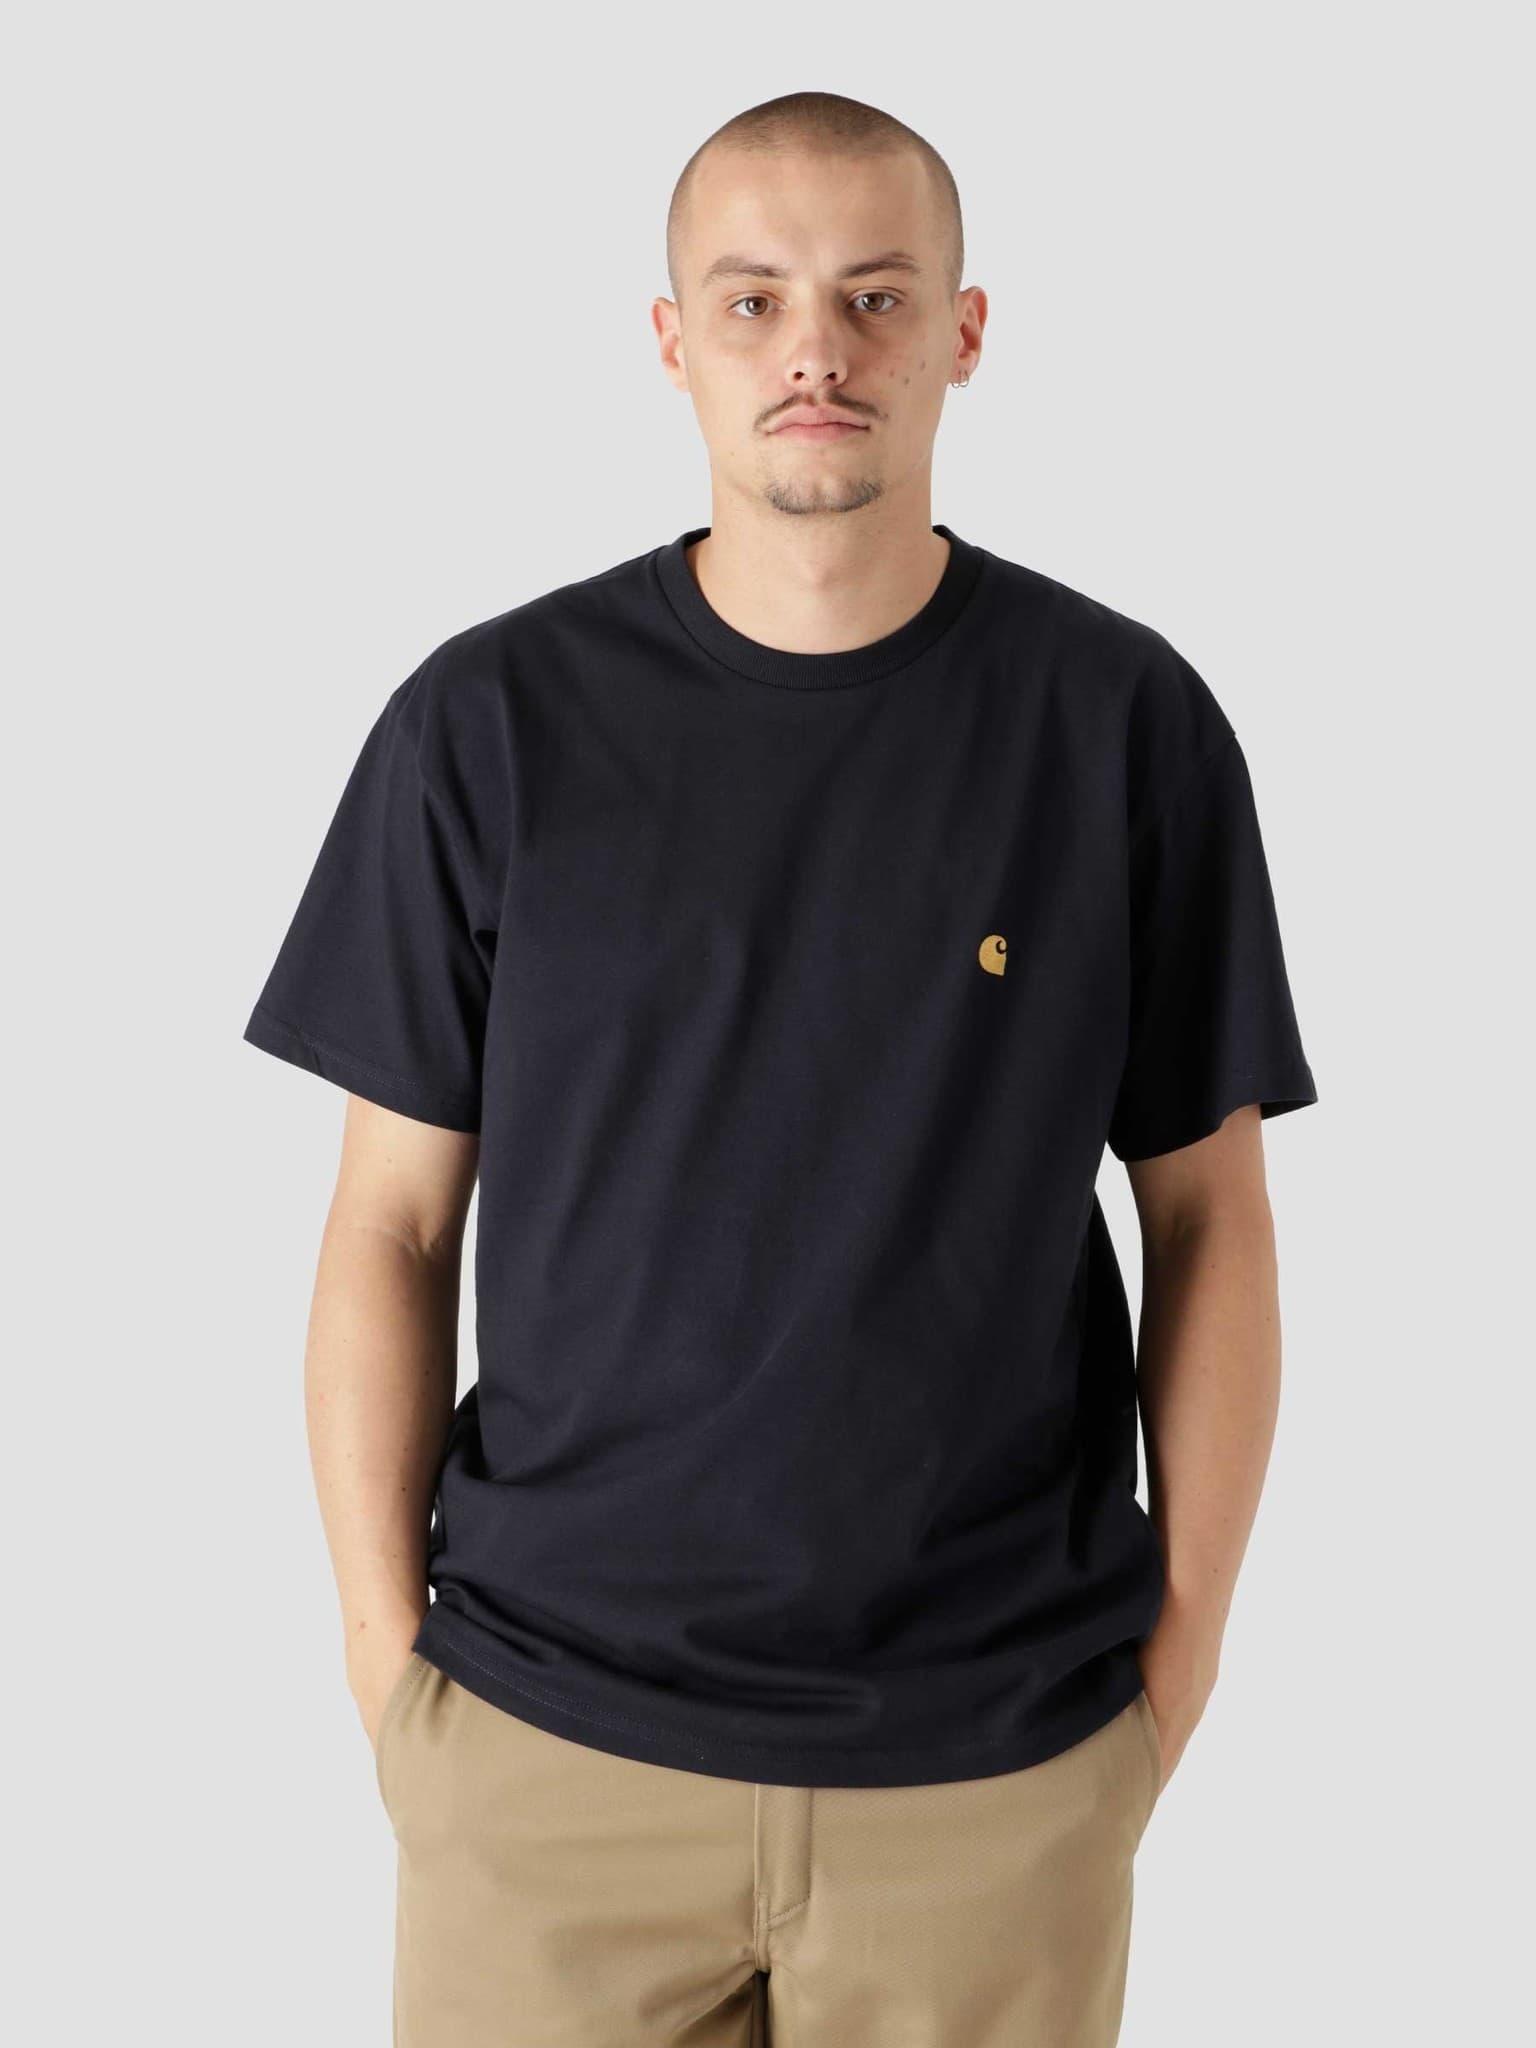 Chase T-Shirt Dark Navy Gold I026391